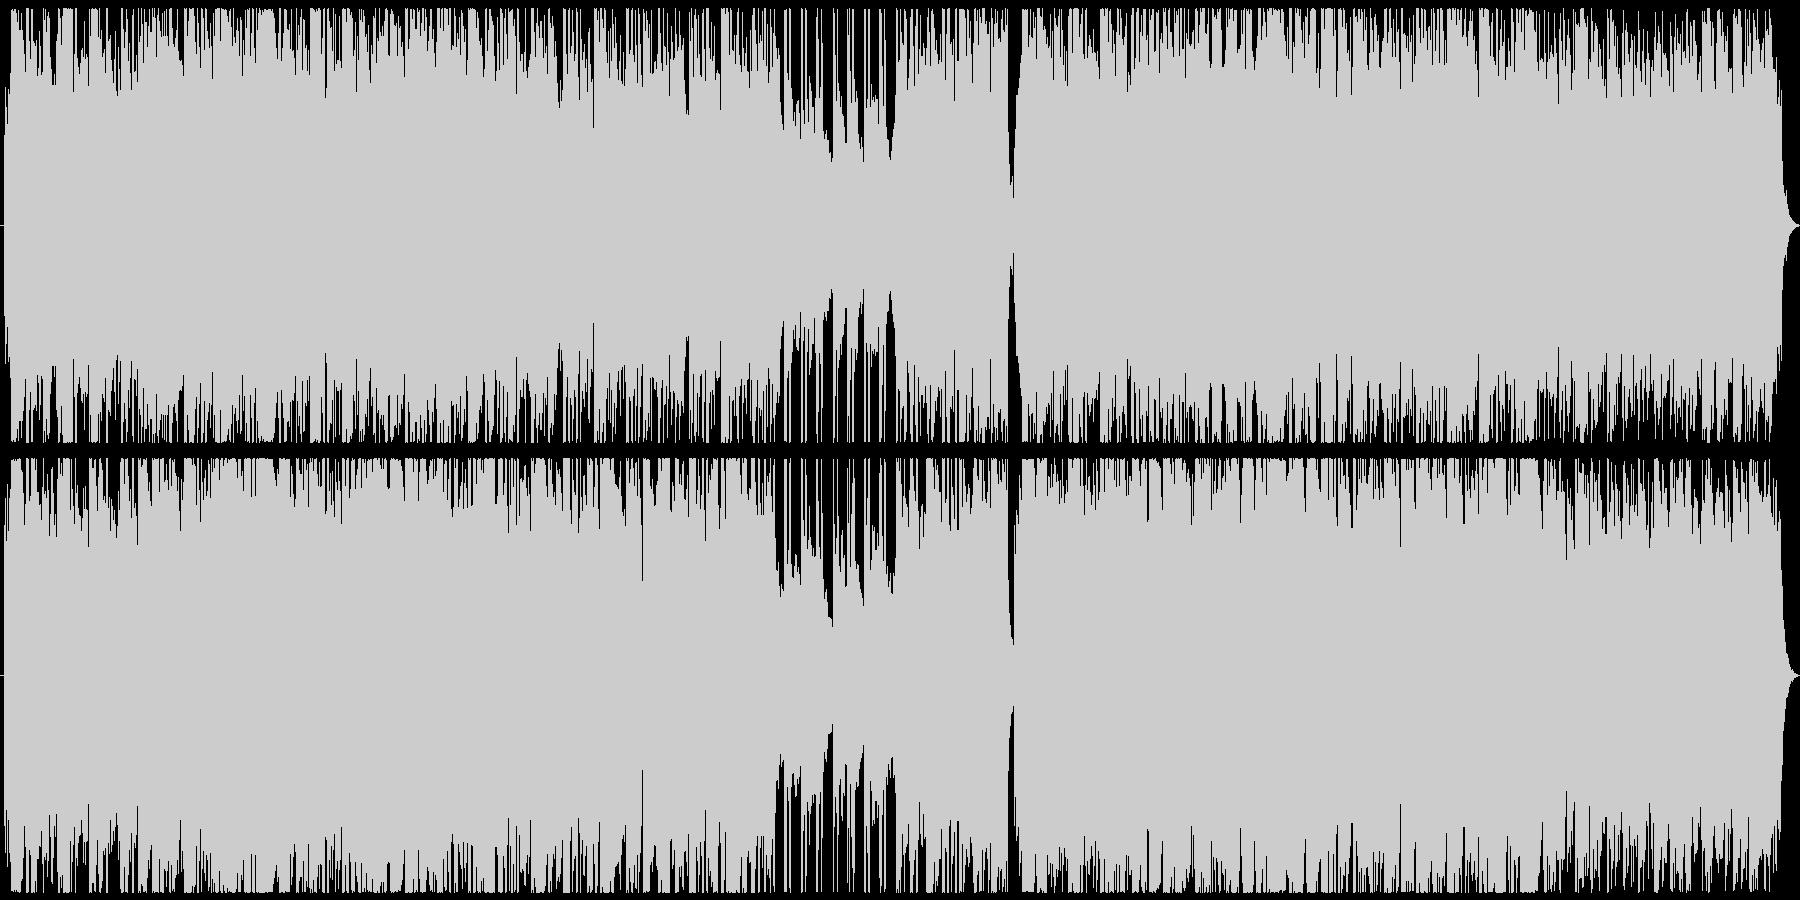 ヴァイオリンが奏でる切ないBGMの未再生の波形